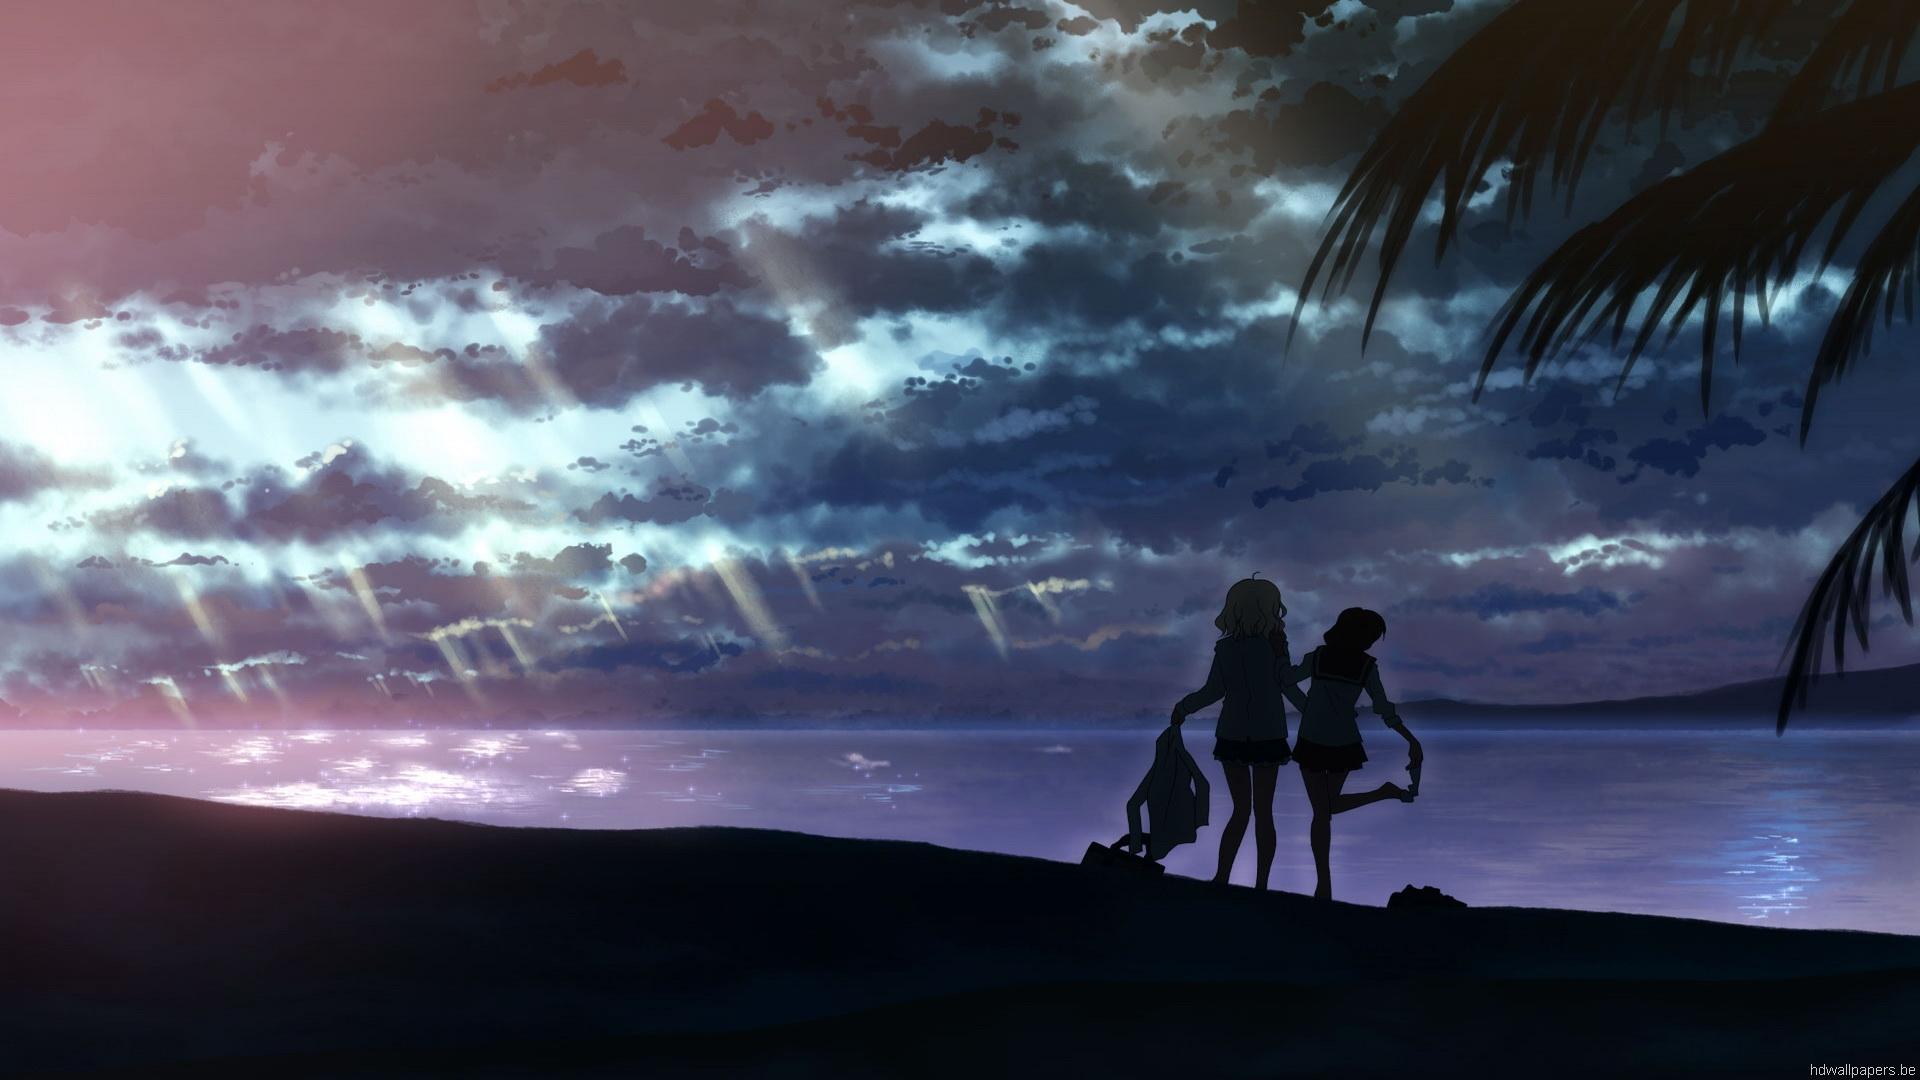 HD Anime Wallpapers Desktop Anime Wallpaper HD 18 1920x1080 1920x1080